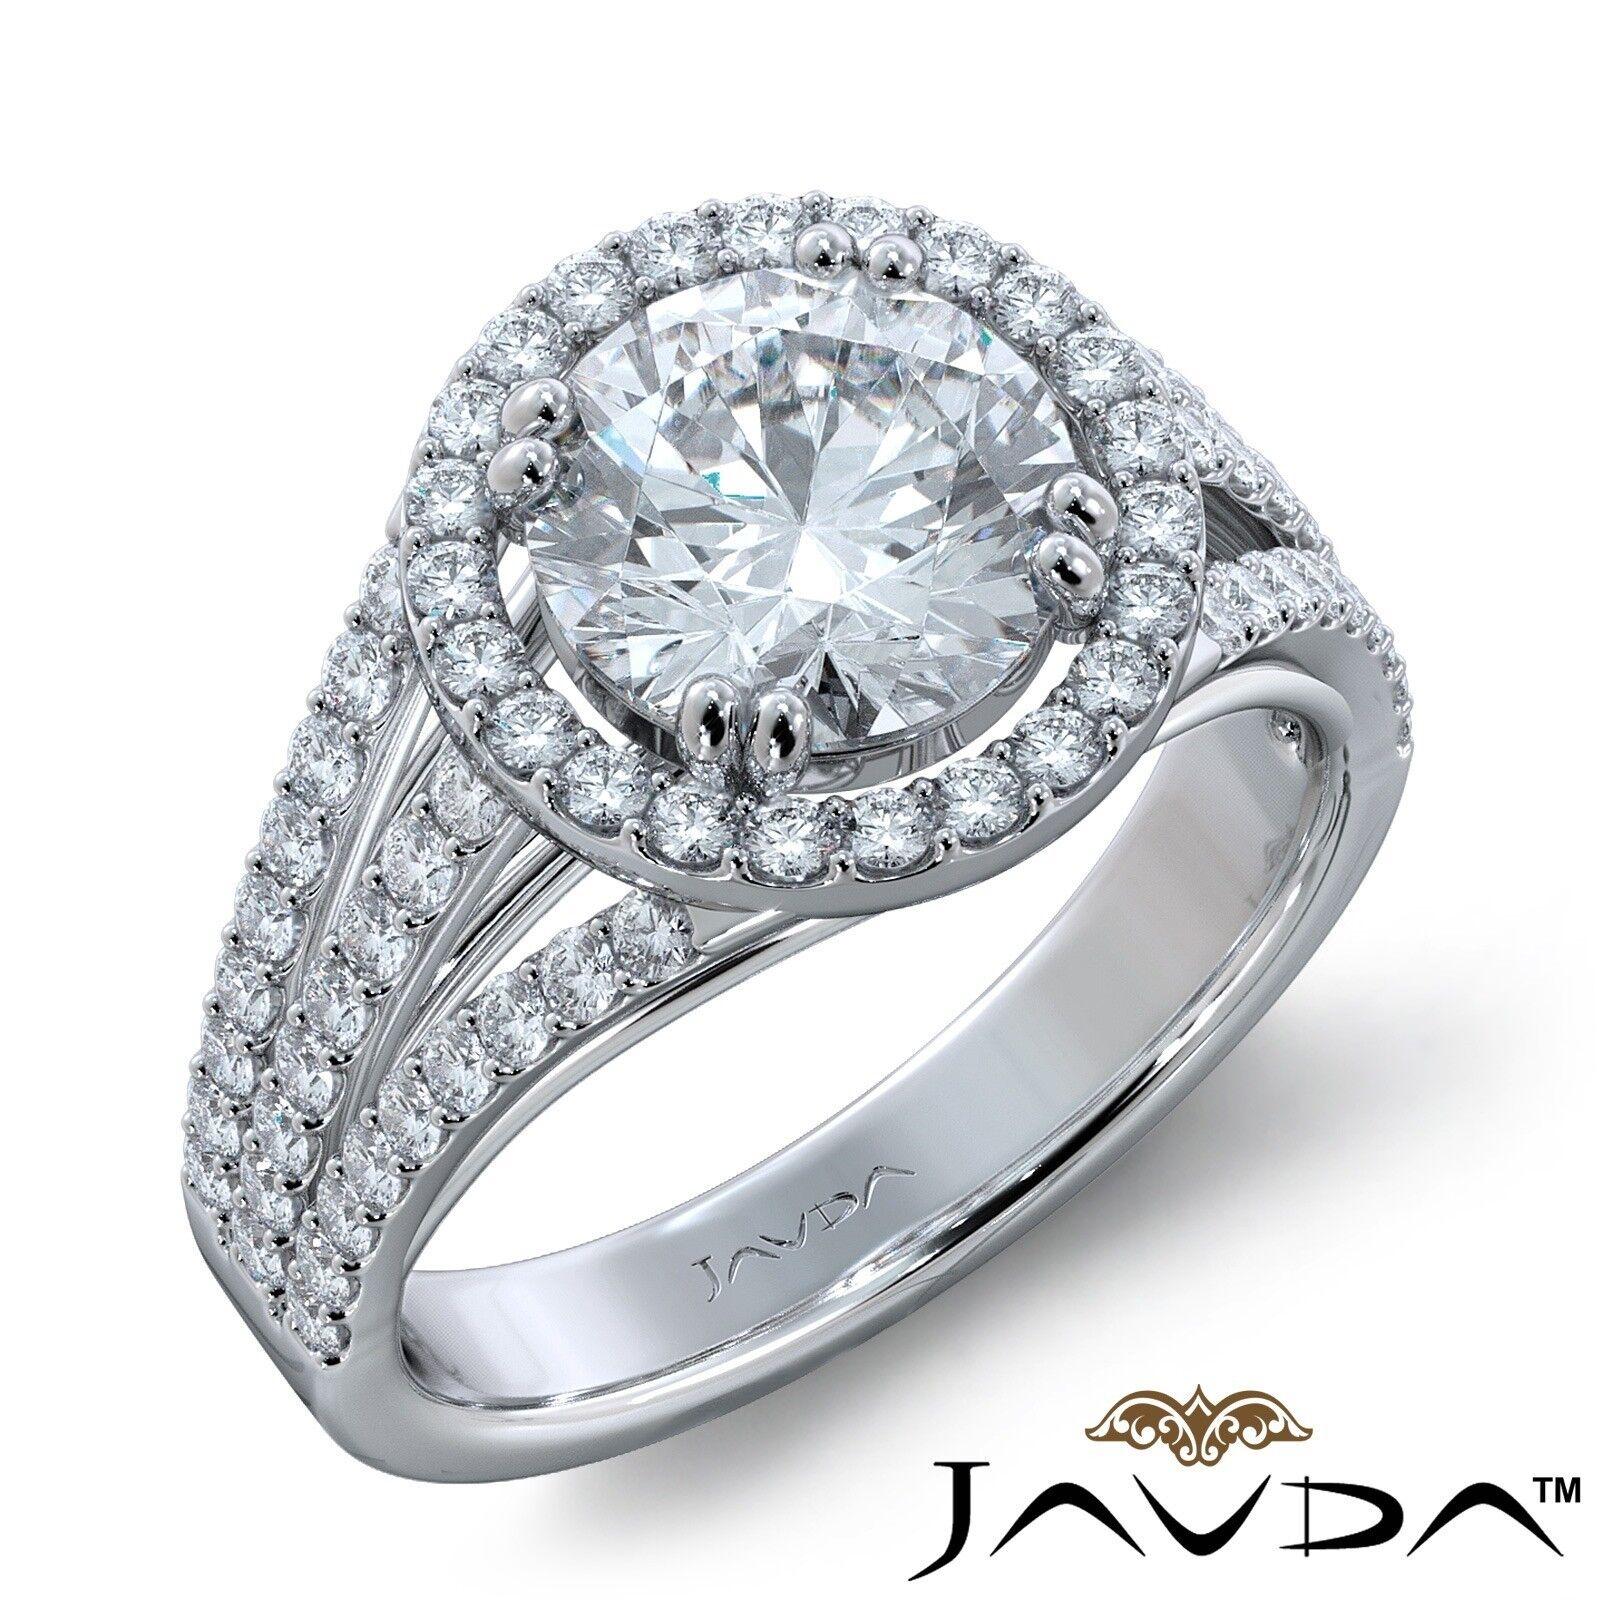 2ct Trio Shank Halo Sidestone Round Diamond Engagement Ring GIA E-VS2 White Gold